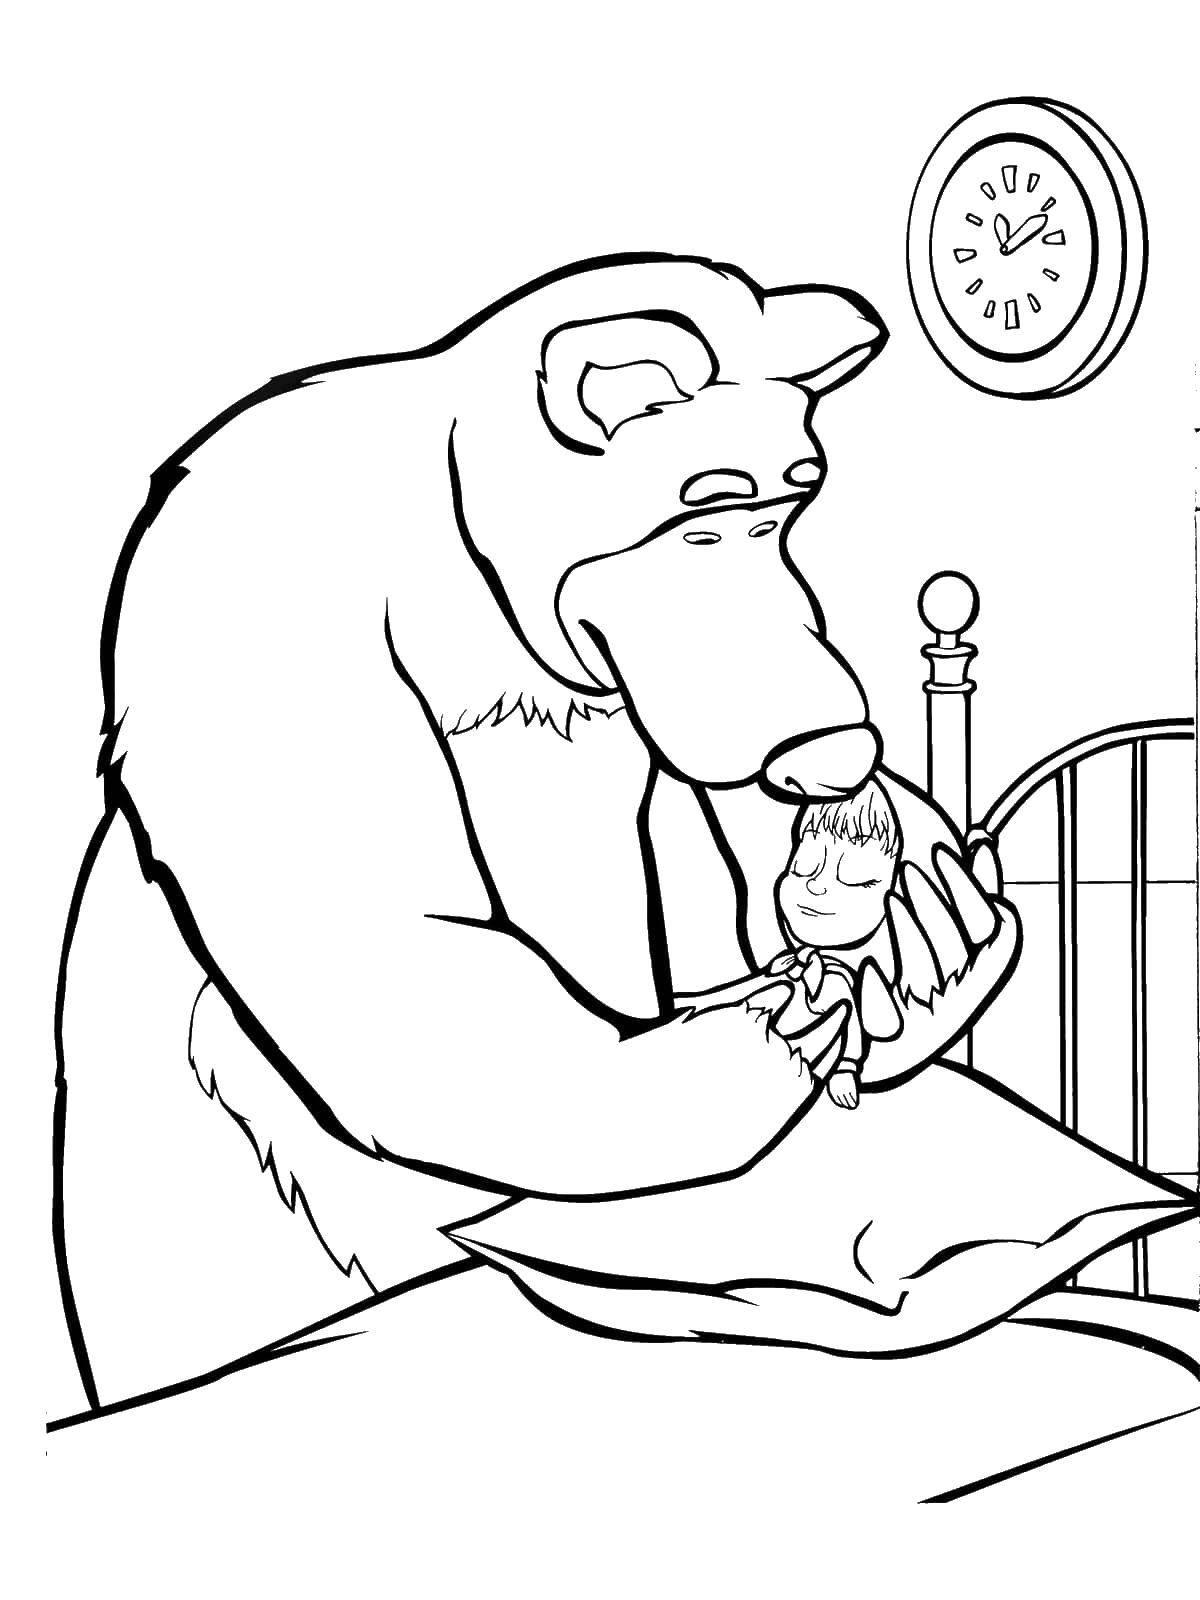 Раскраски медведь, медведица, медвежонок  Миша укладывает машу спать